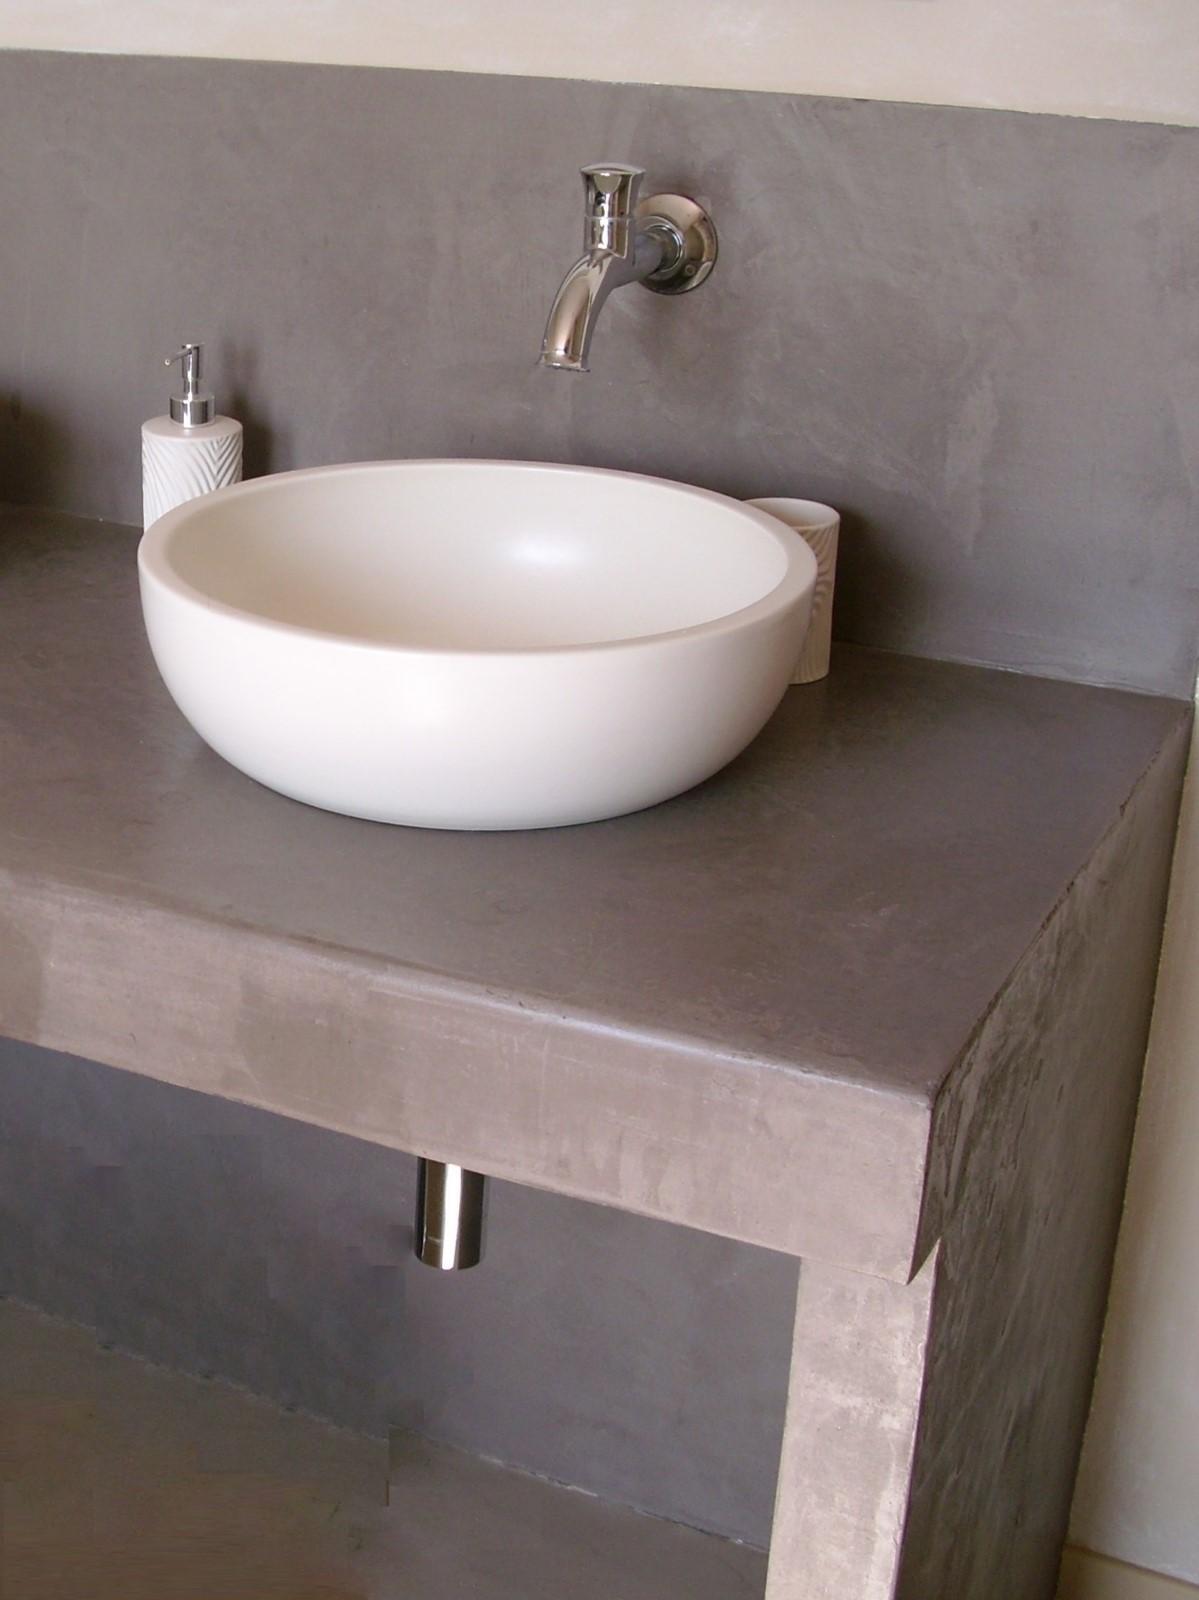 Meuble En Béton Ciré meuble de salle de bain beton cire | bright shadow online